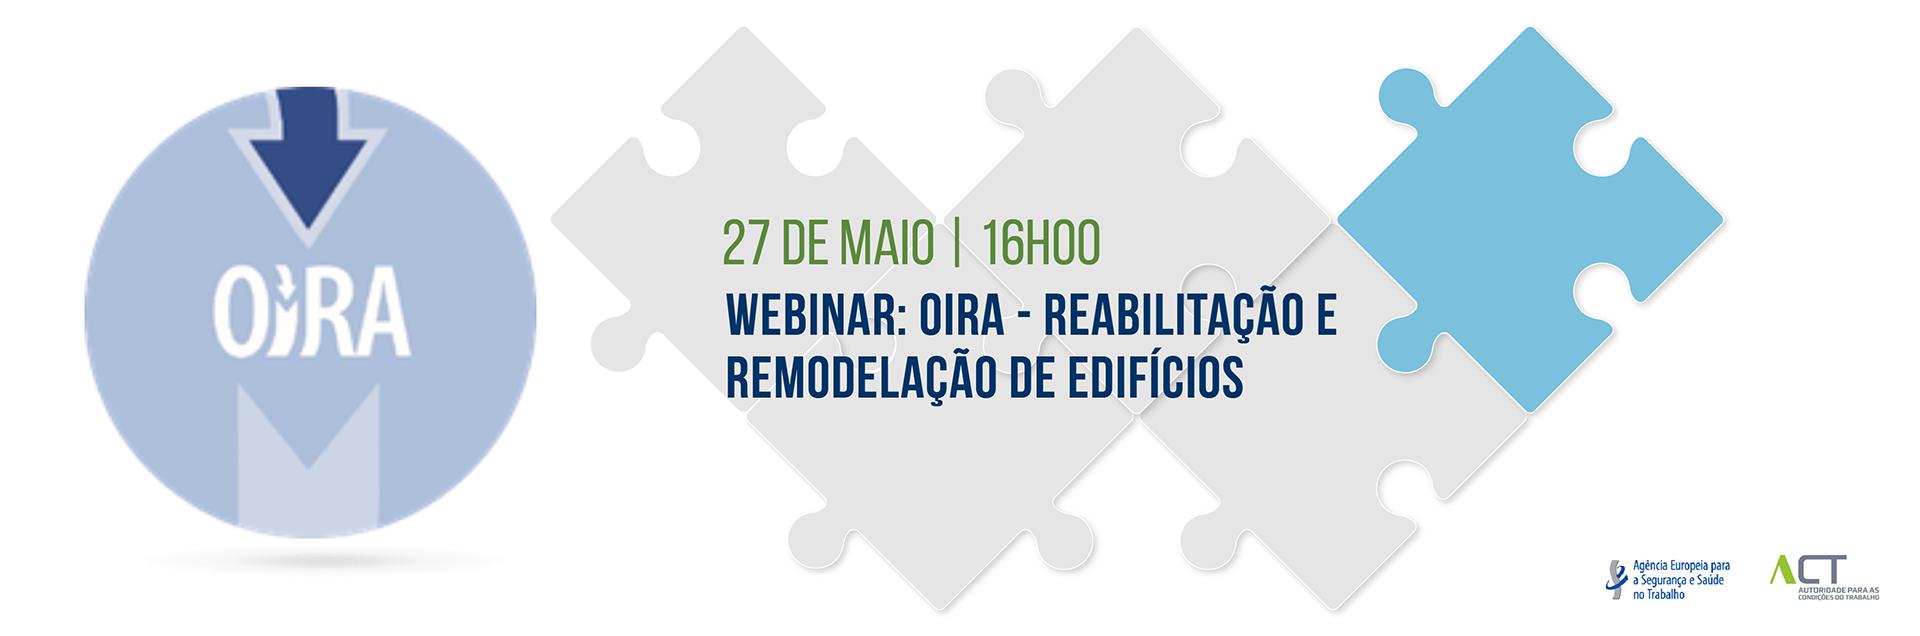 Webinar Lançamento da Ferramenta OIRA Reabilitação e Remodelação de Edifícios – 27 maio 2021